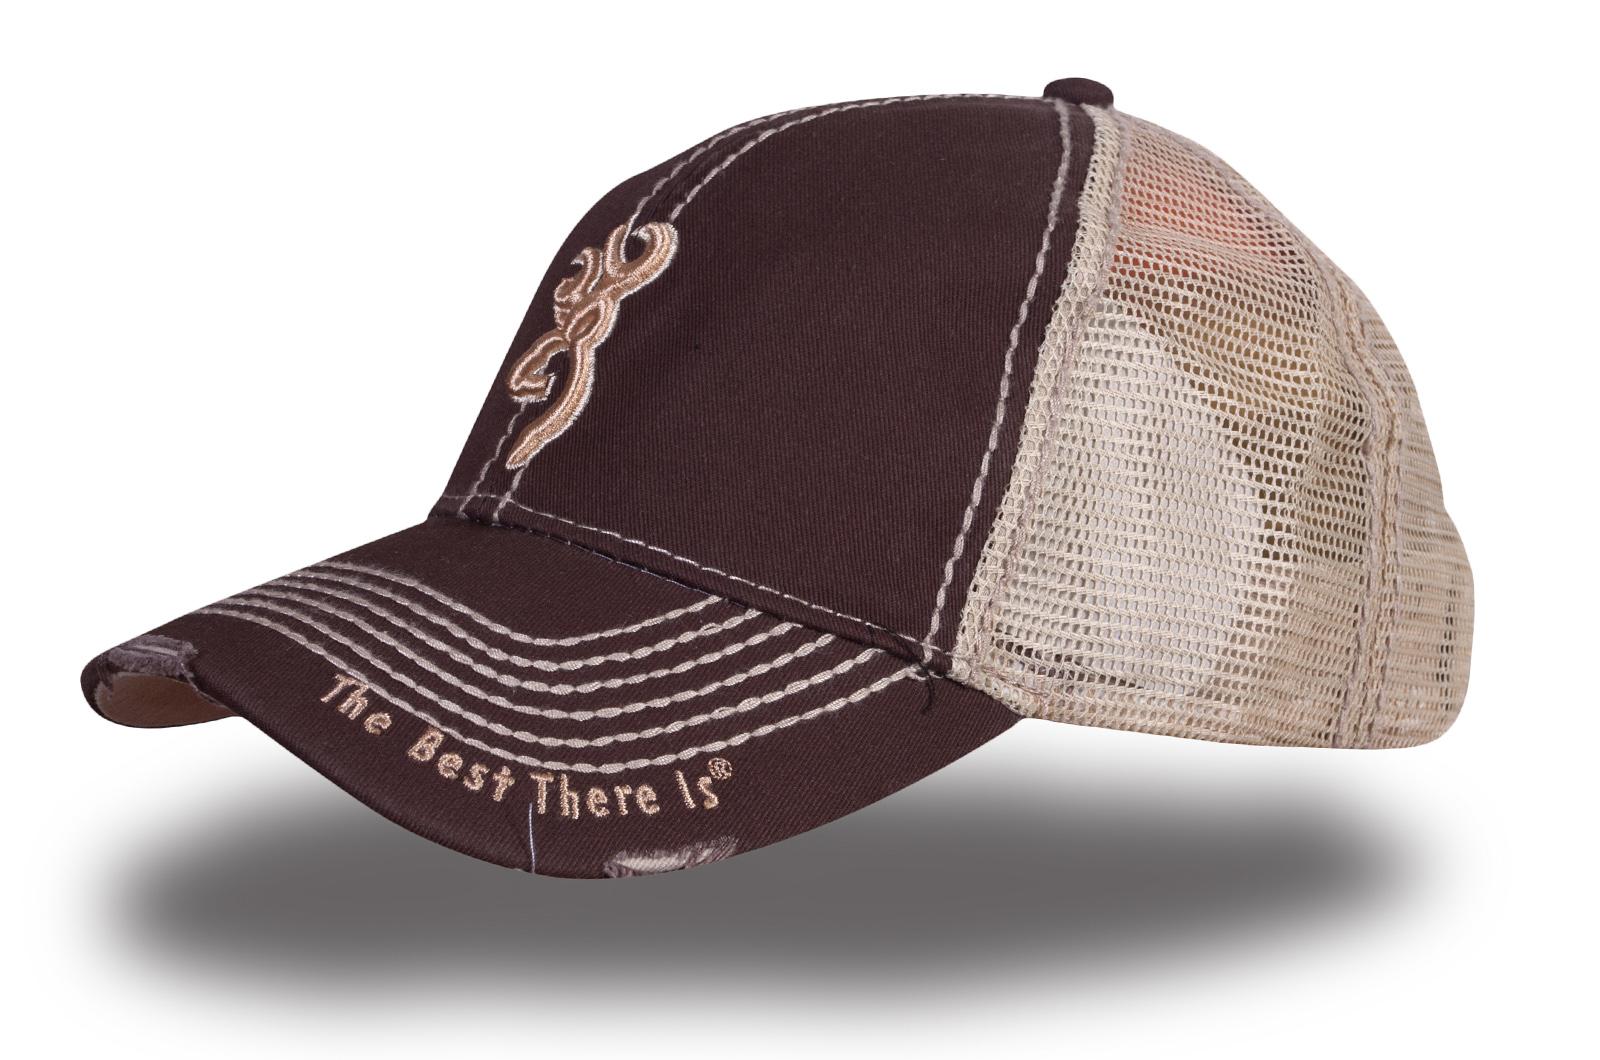 Кепка коричневая с сеткой - купить в интернет-магазине с доставкой